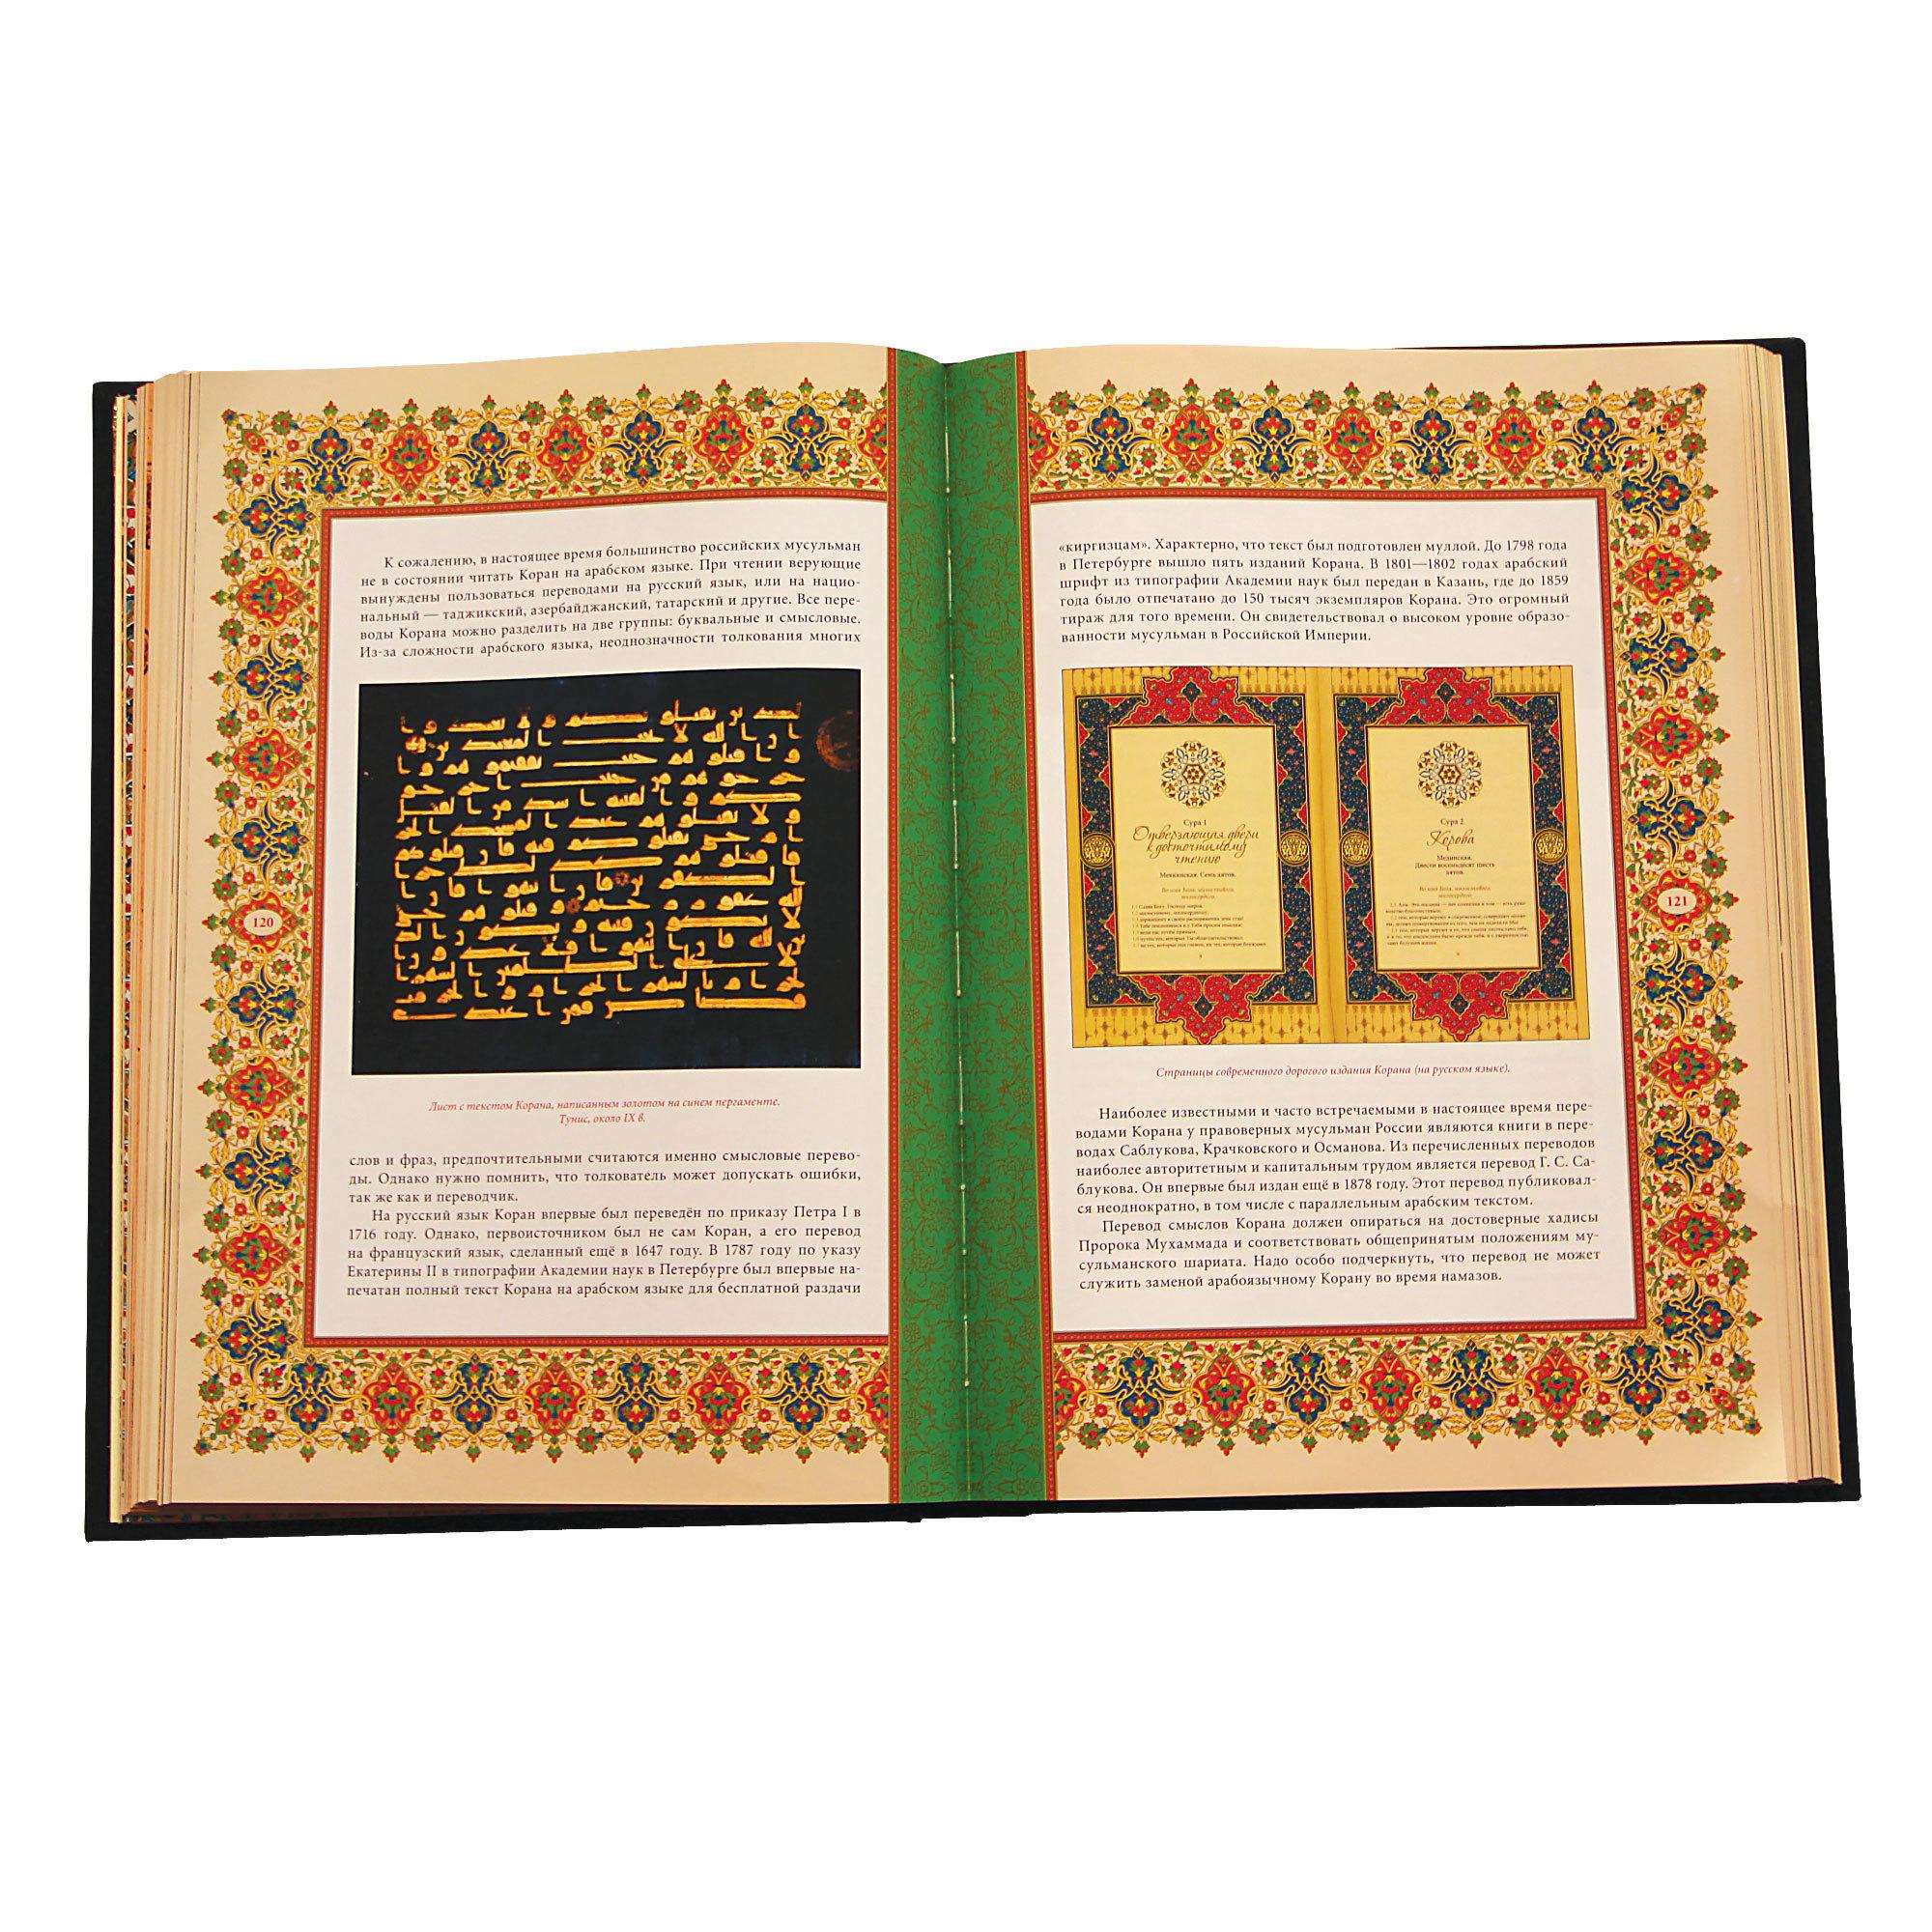 Ислам. Культура. История. Вера